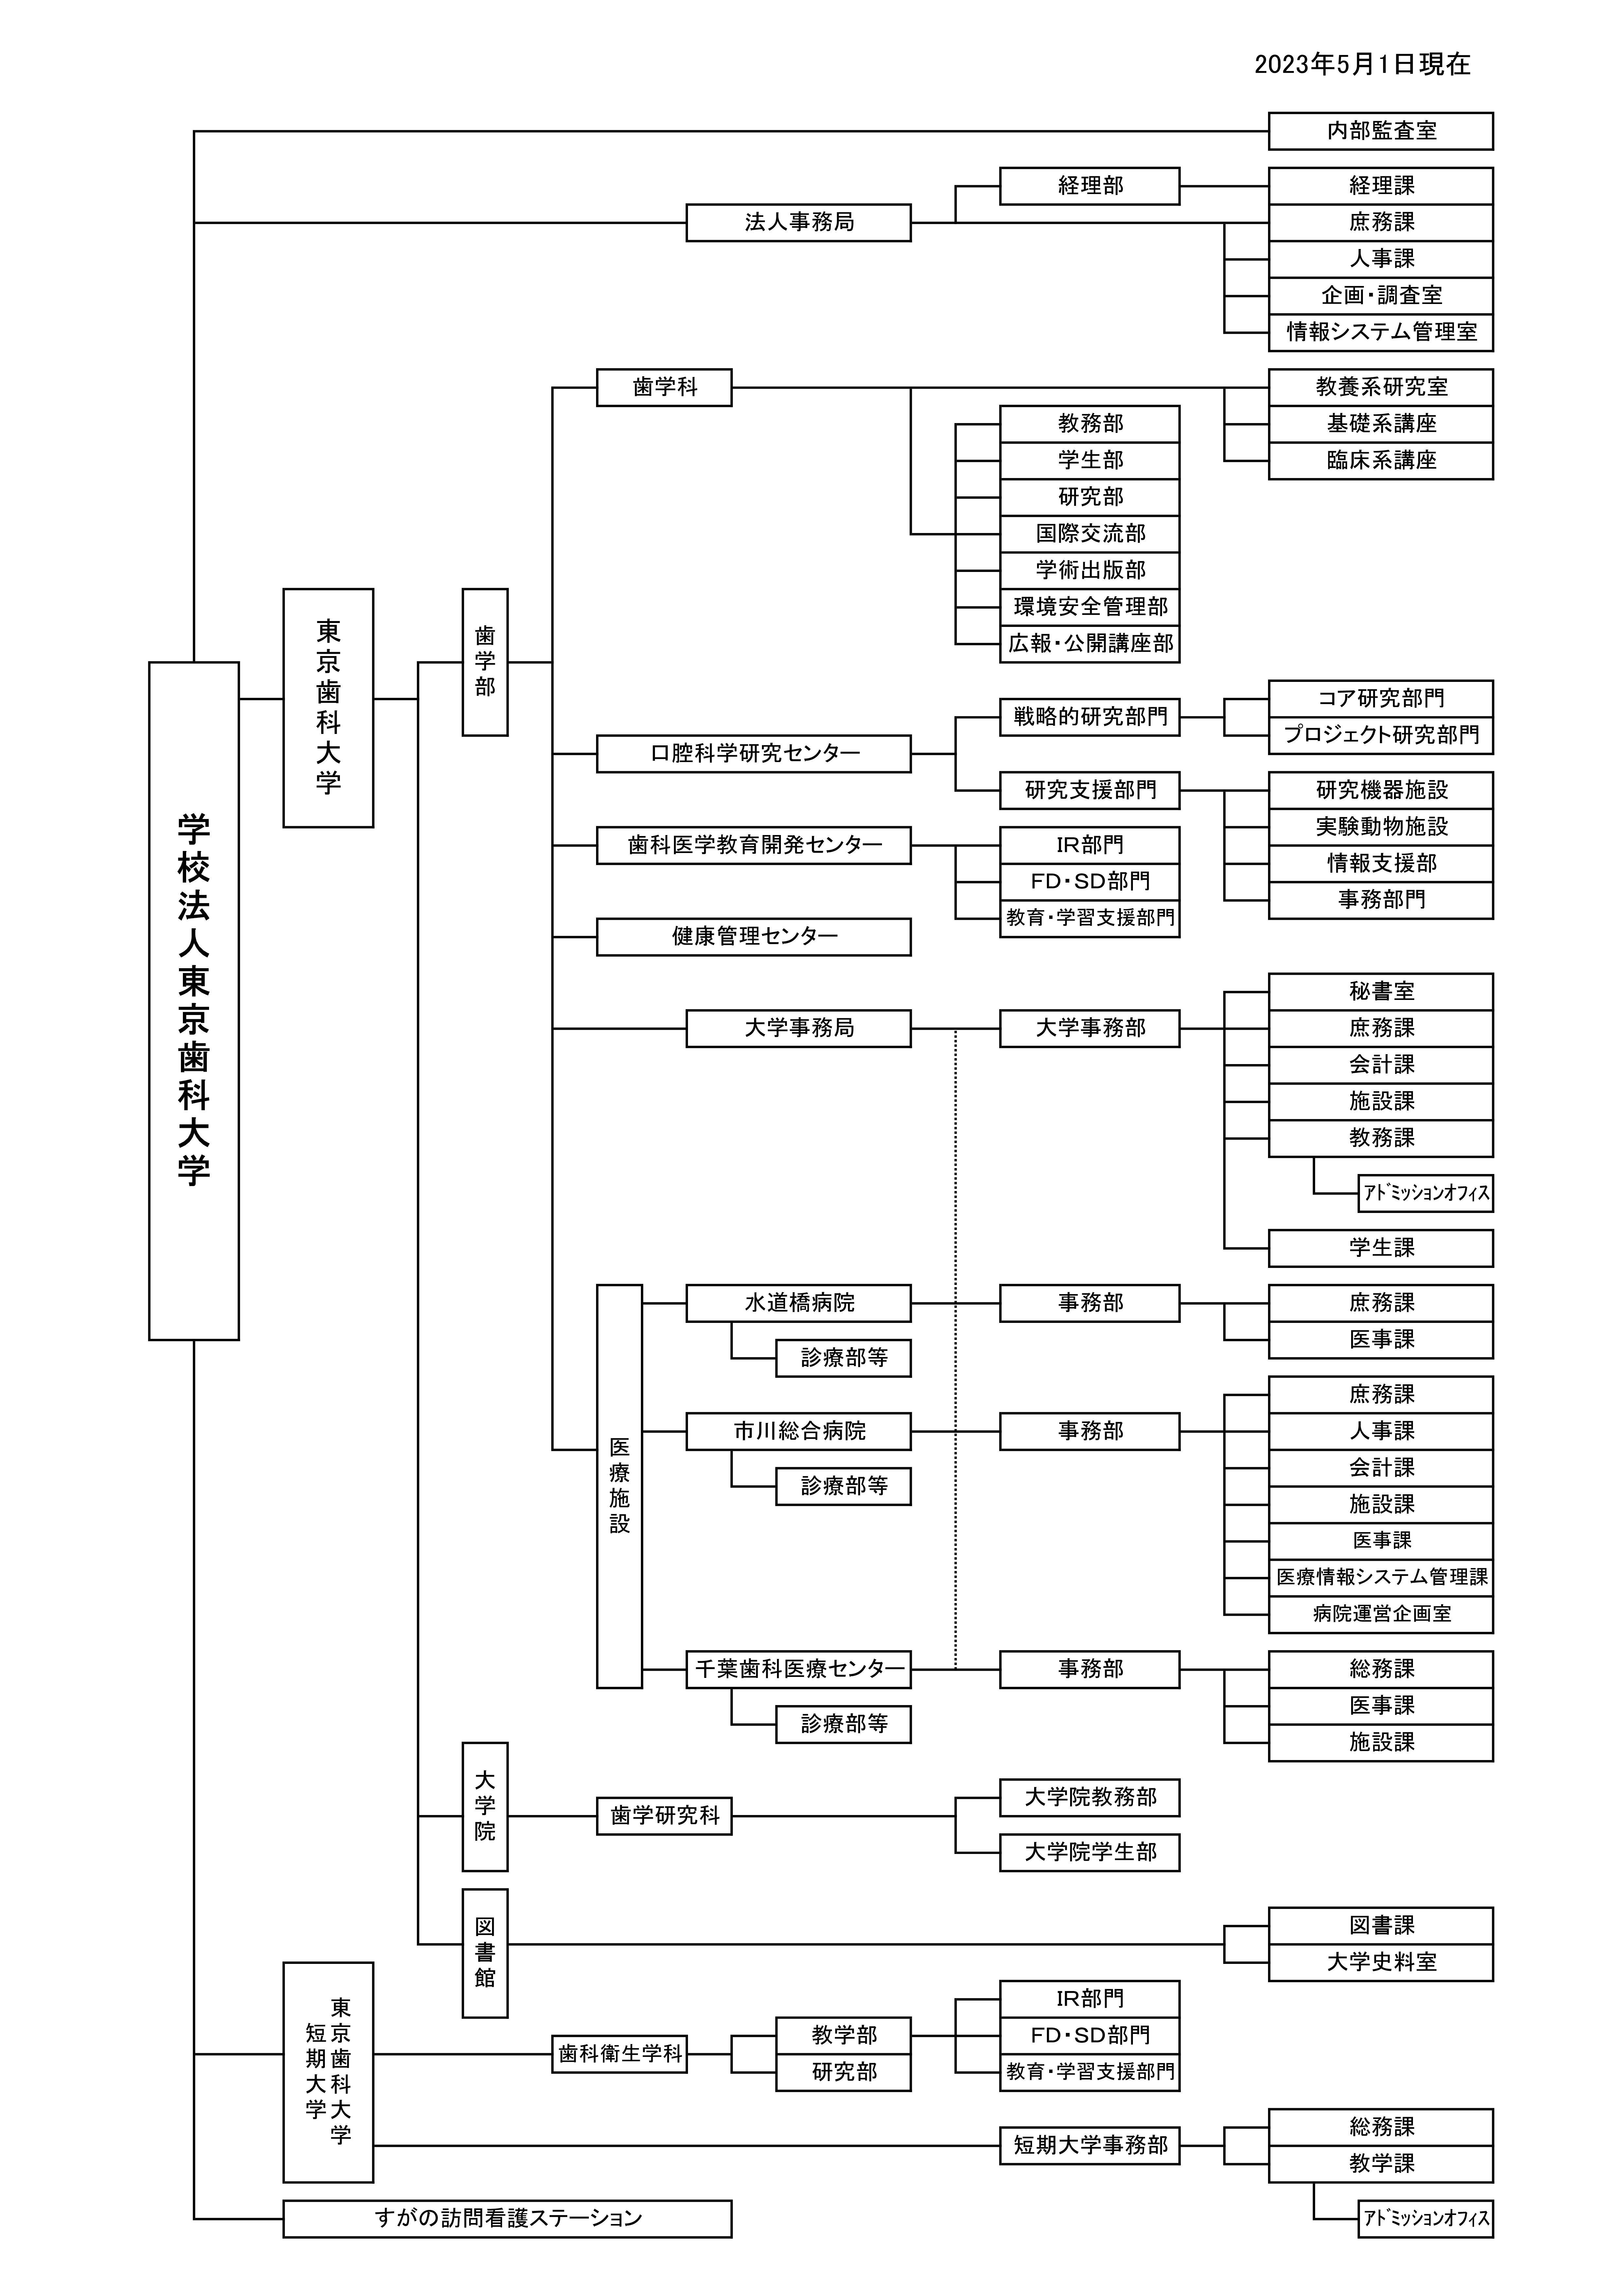 組織図 | 東京歯科大学